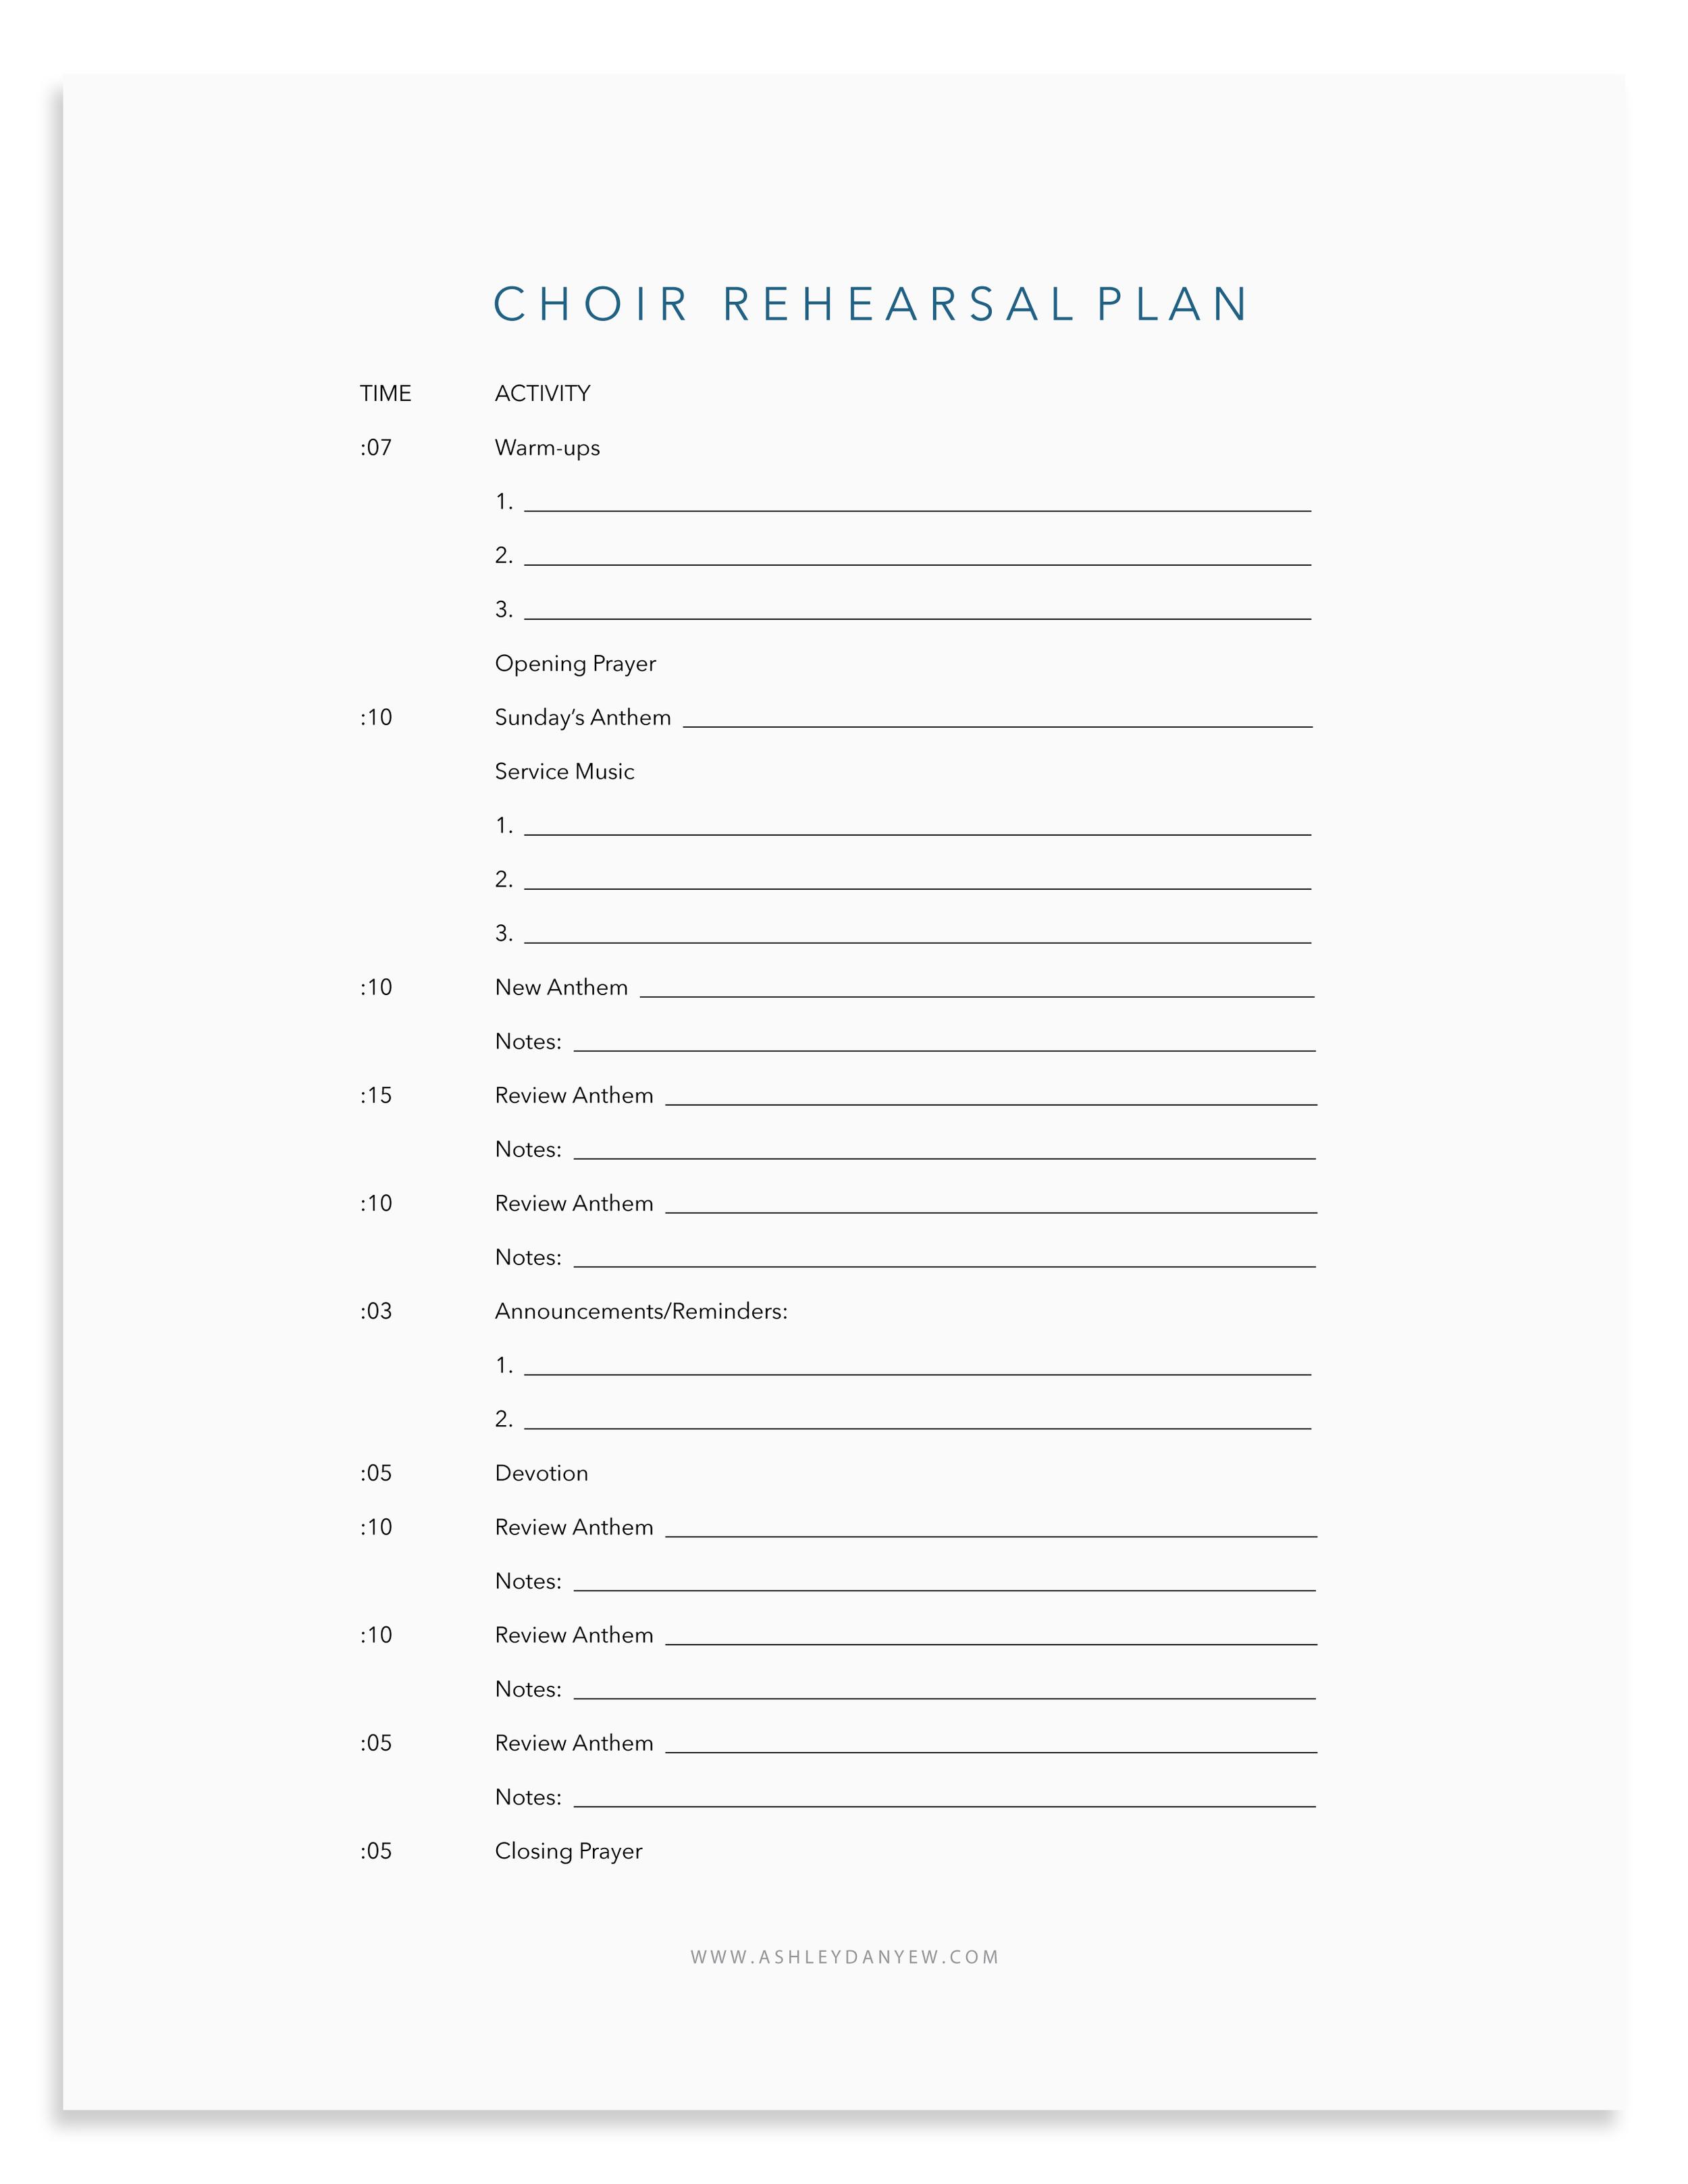 Choir Rehearsal Plan Template.png